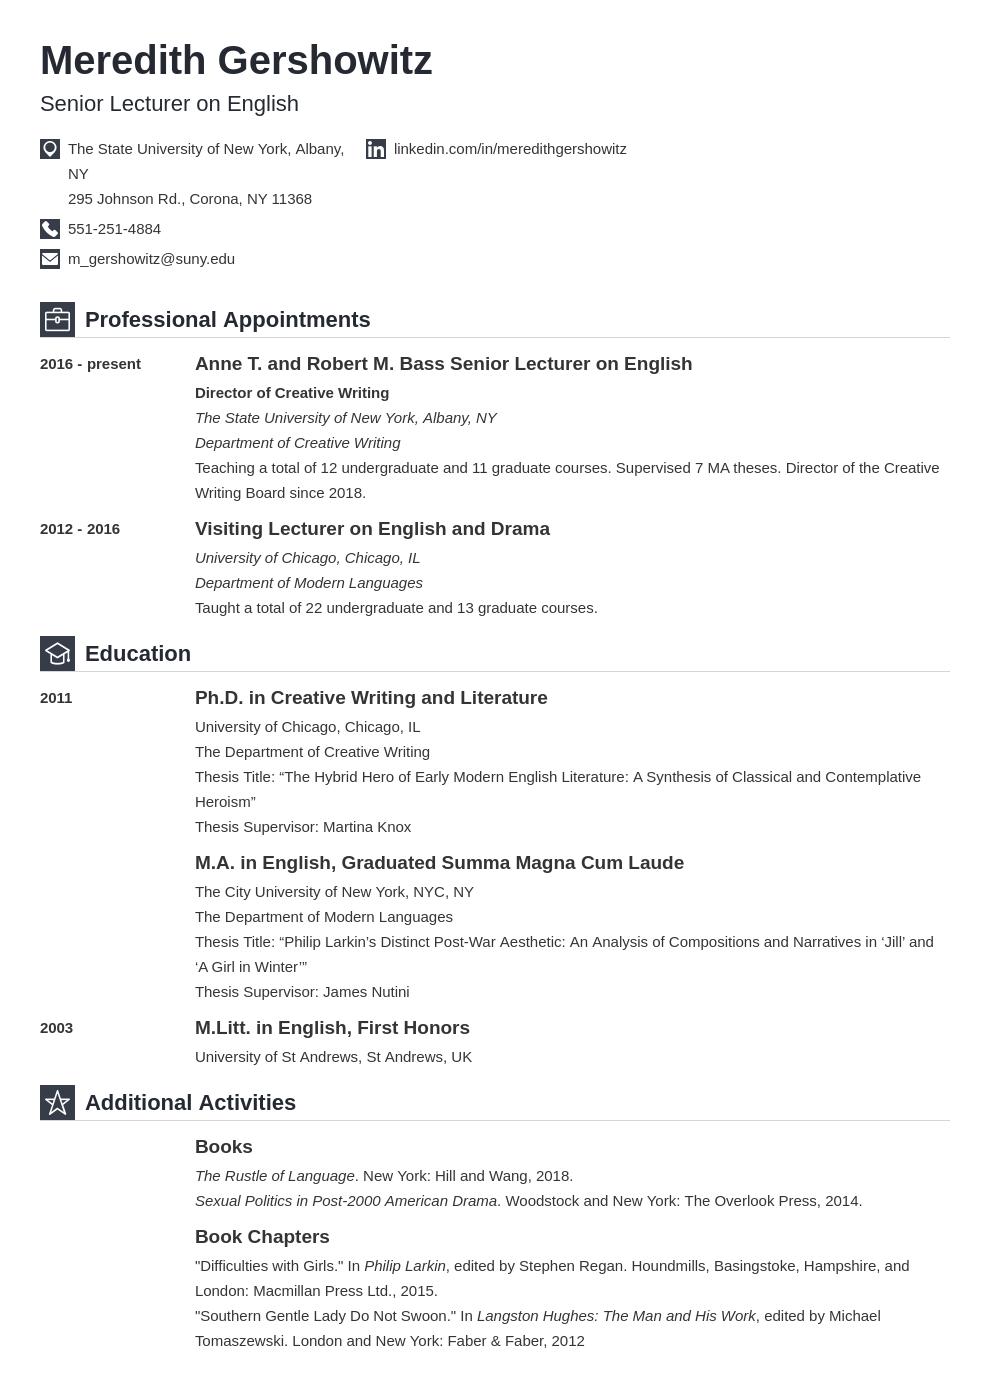 cv academic template iconic uk